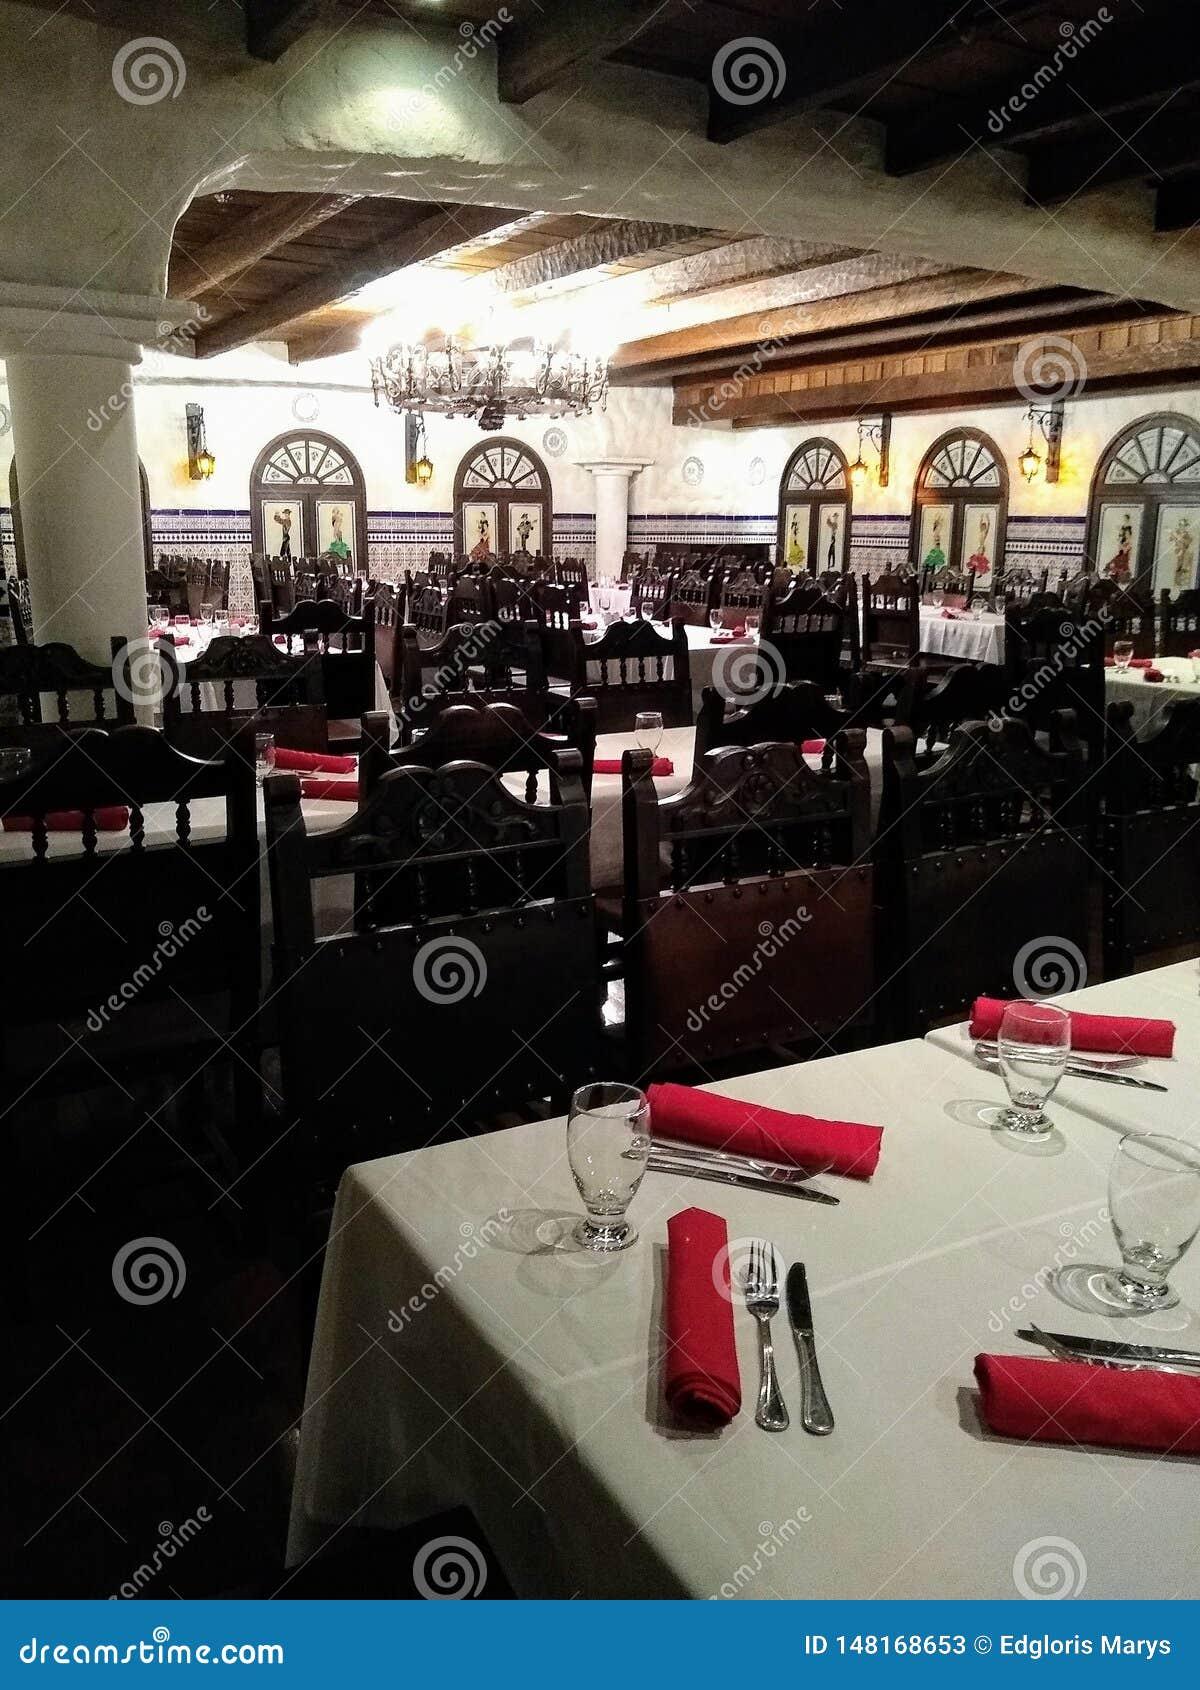 叫作tasca的西班牙餐馆在加拉加斯委内瑞拉,苦楝根皮加拉加斯旅馆